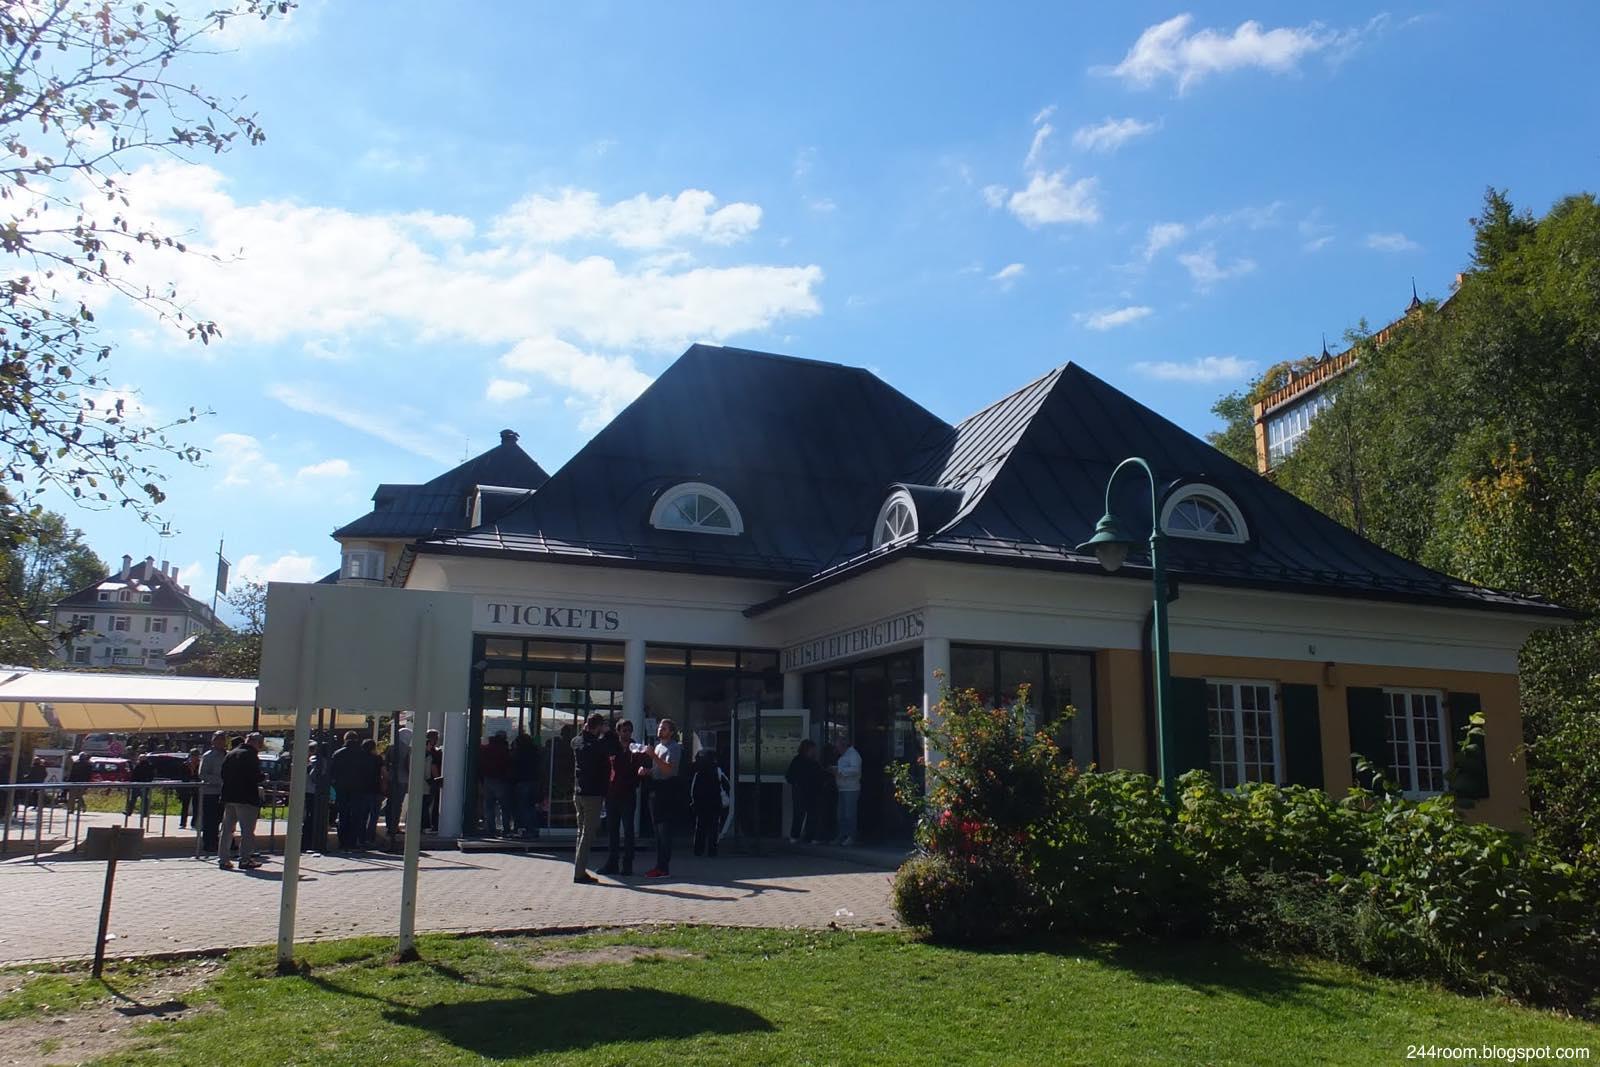 ノイシュヴァンシュタイン城チケットオフィス neuschwanstein-castle-ticket-office